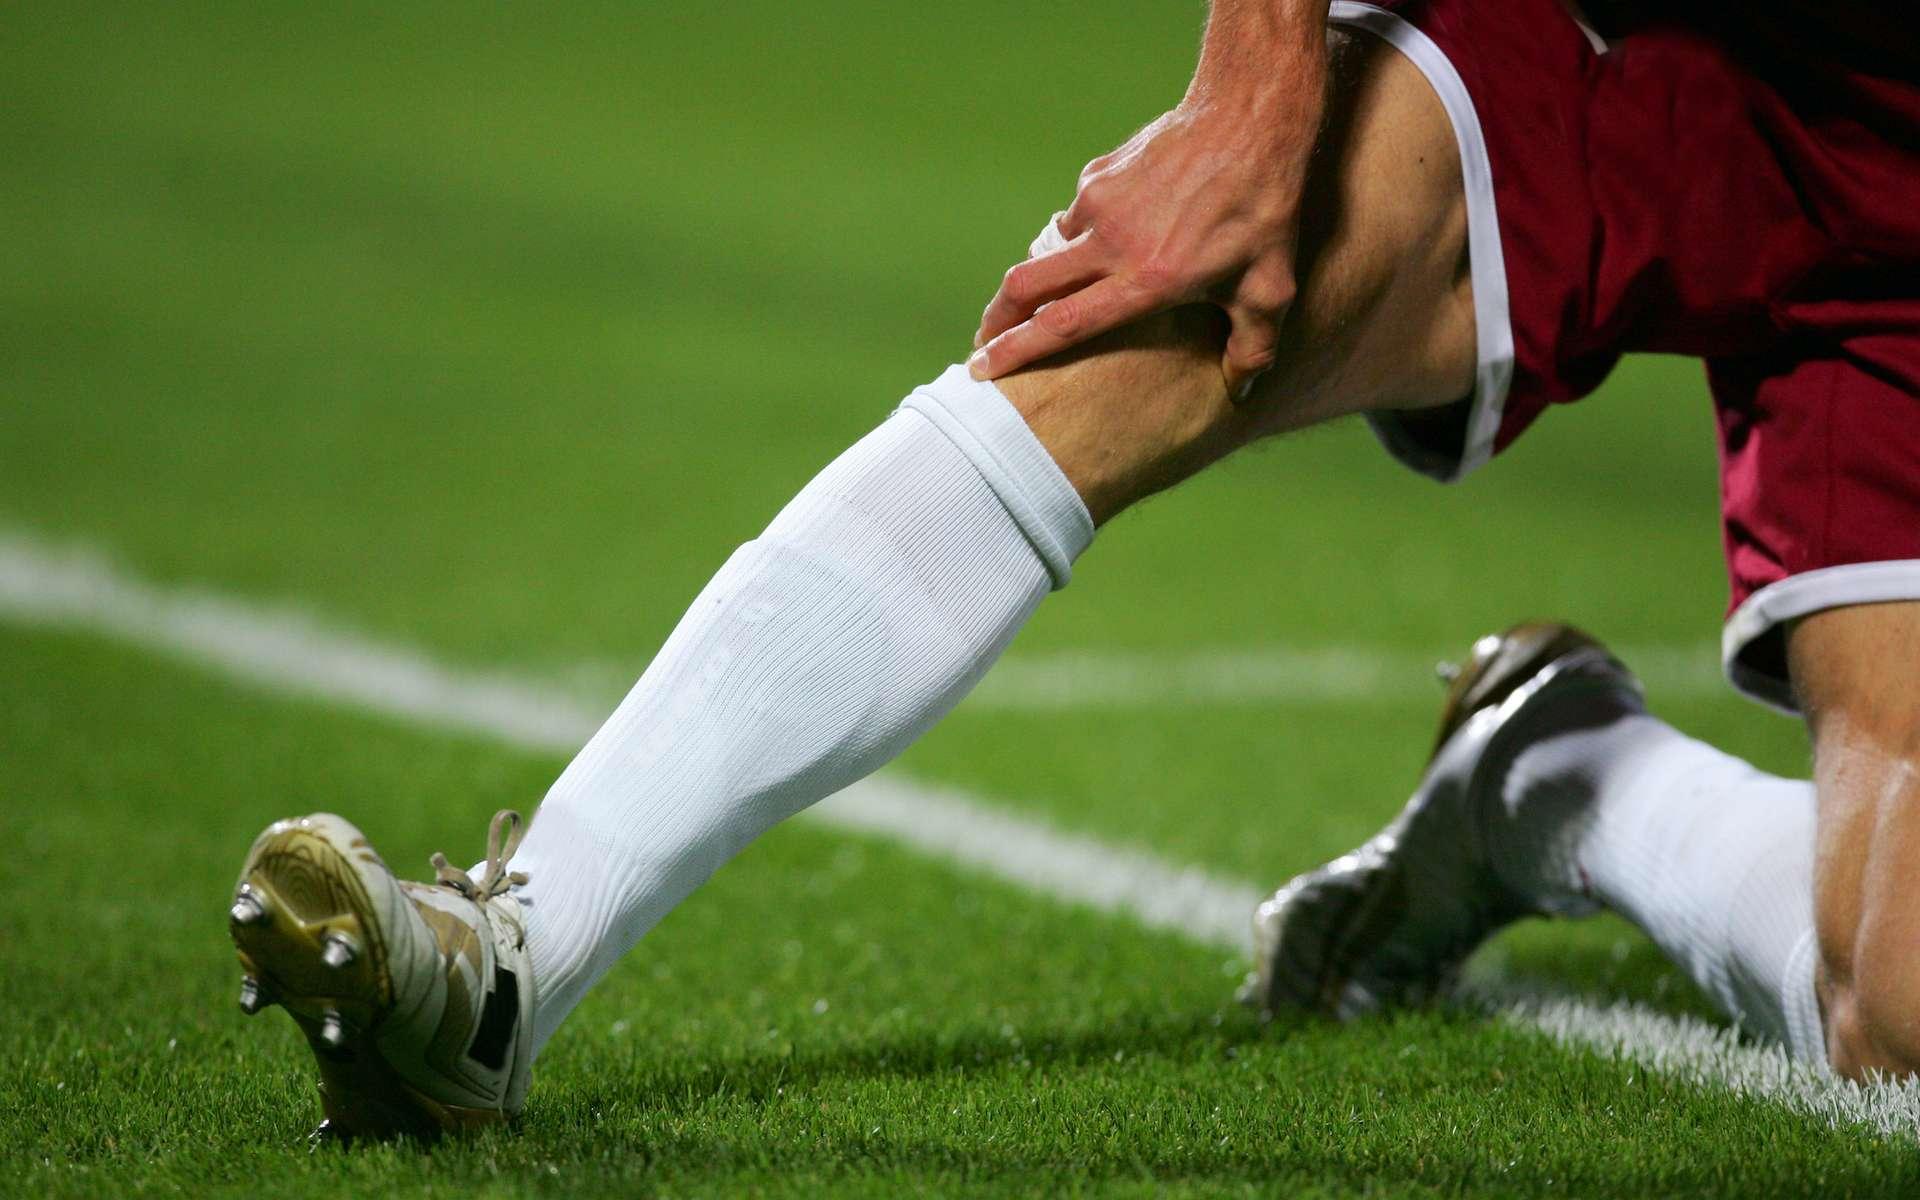 Les sport à pivot, comme le football ou le basket, présentent un risque de rupture du ligament croisé du genou. © karaboux, Adobe Stock